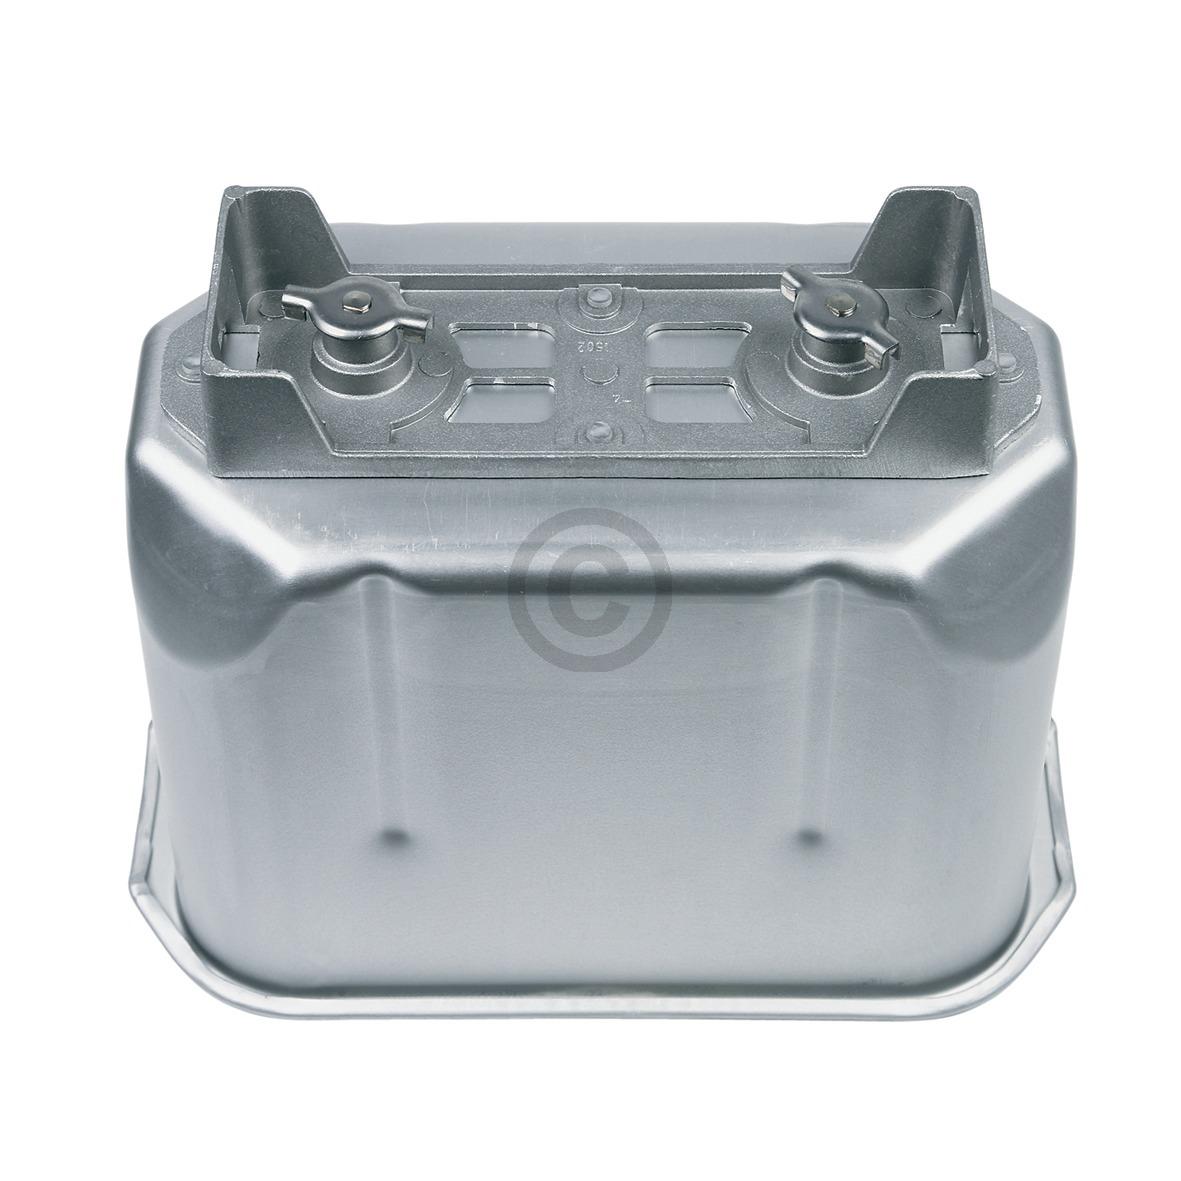 Backform für Brotbackautomaten, 245x140x189mm keramisch beschichtet 6851170